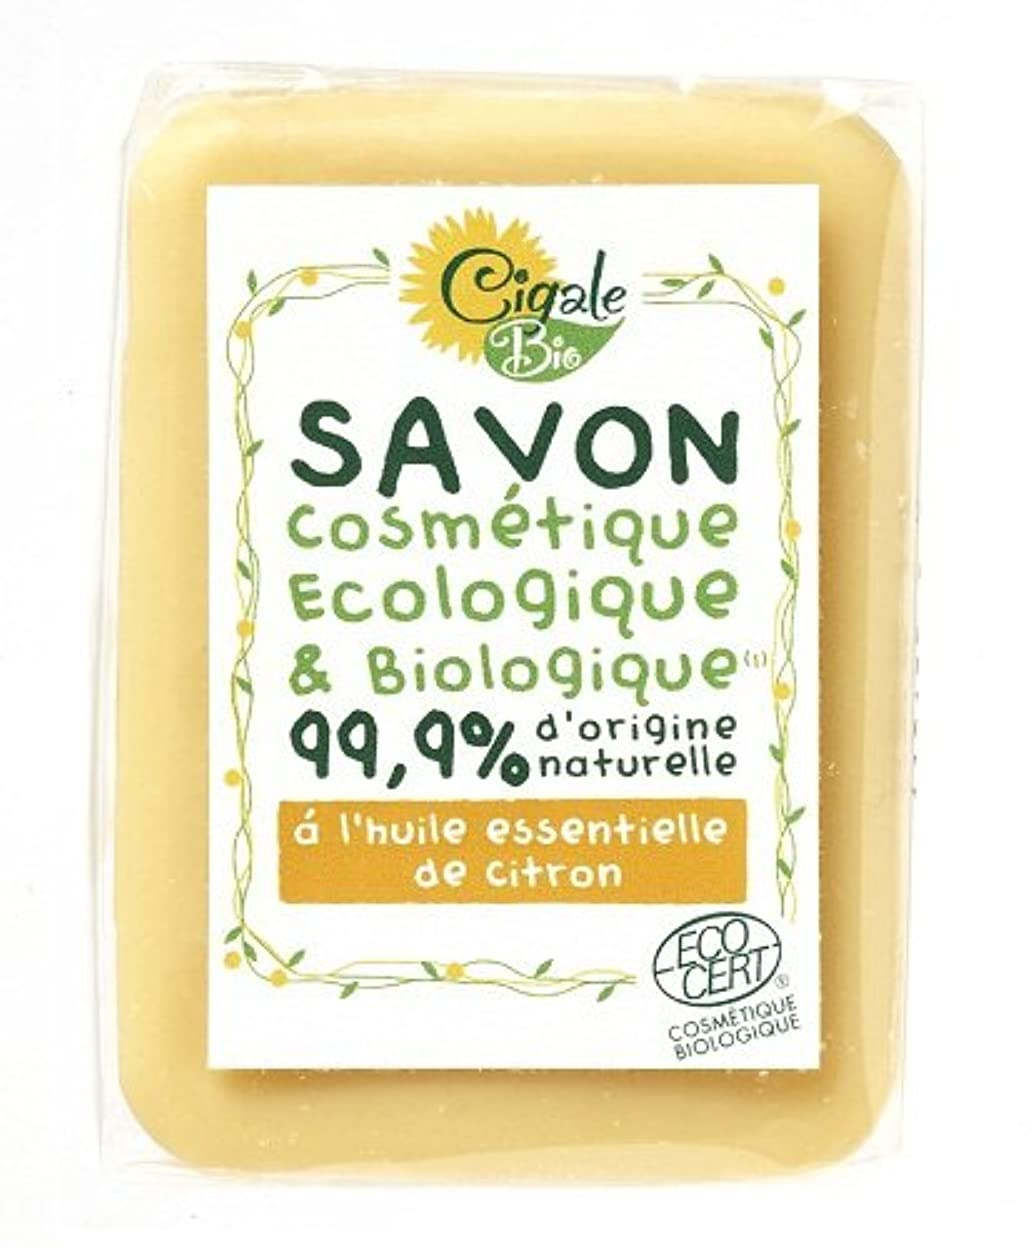 ロゴ寄付十分ではないシガールビオ オーガニックソープ レモン